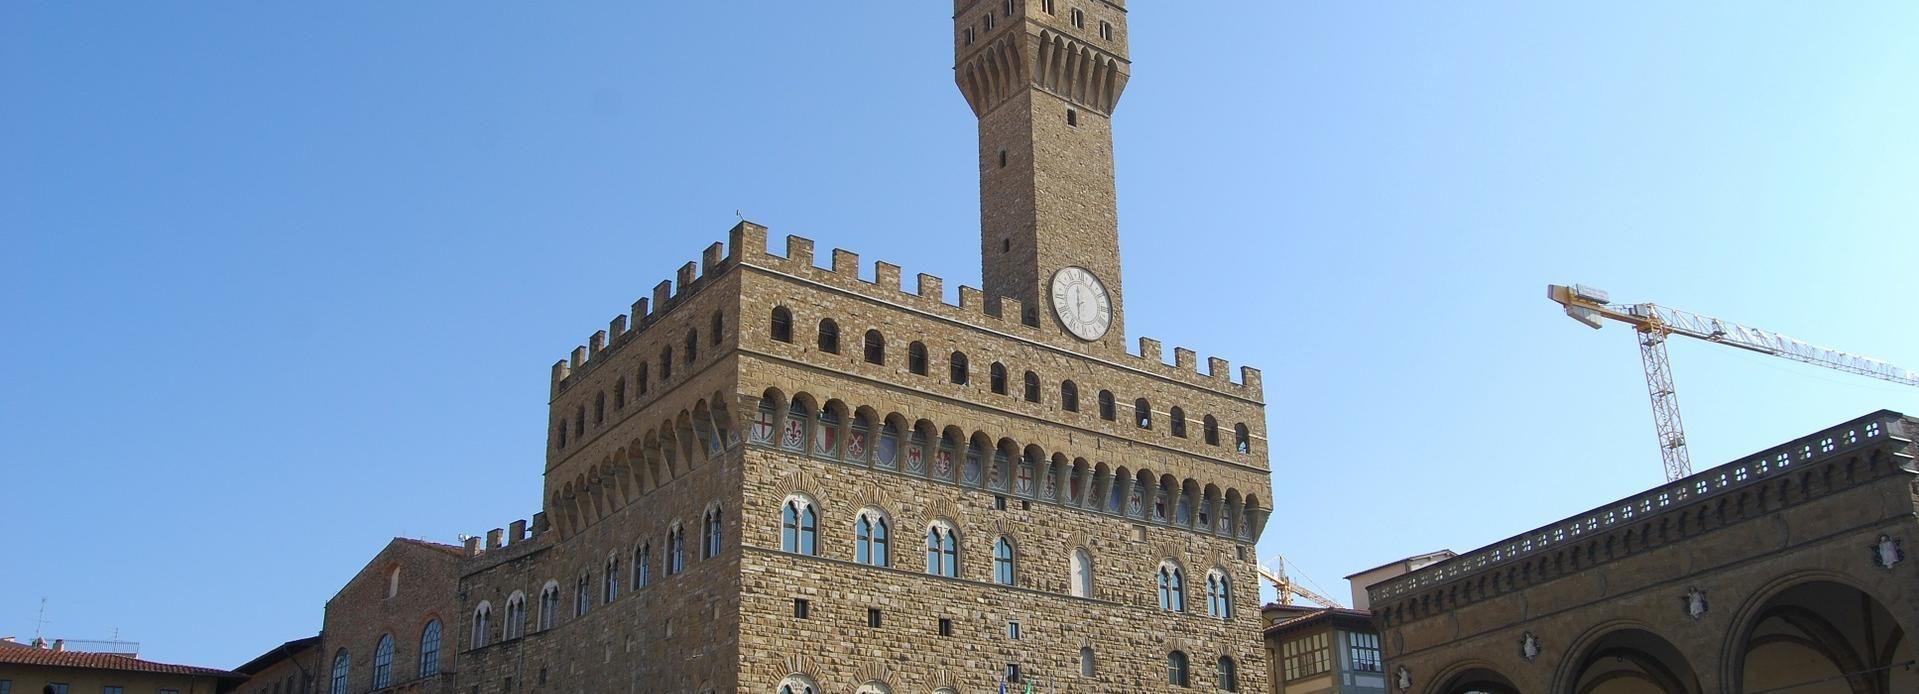 Firenze: tour guidato di Palazzo Vecchio